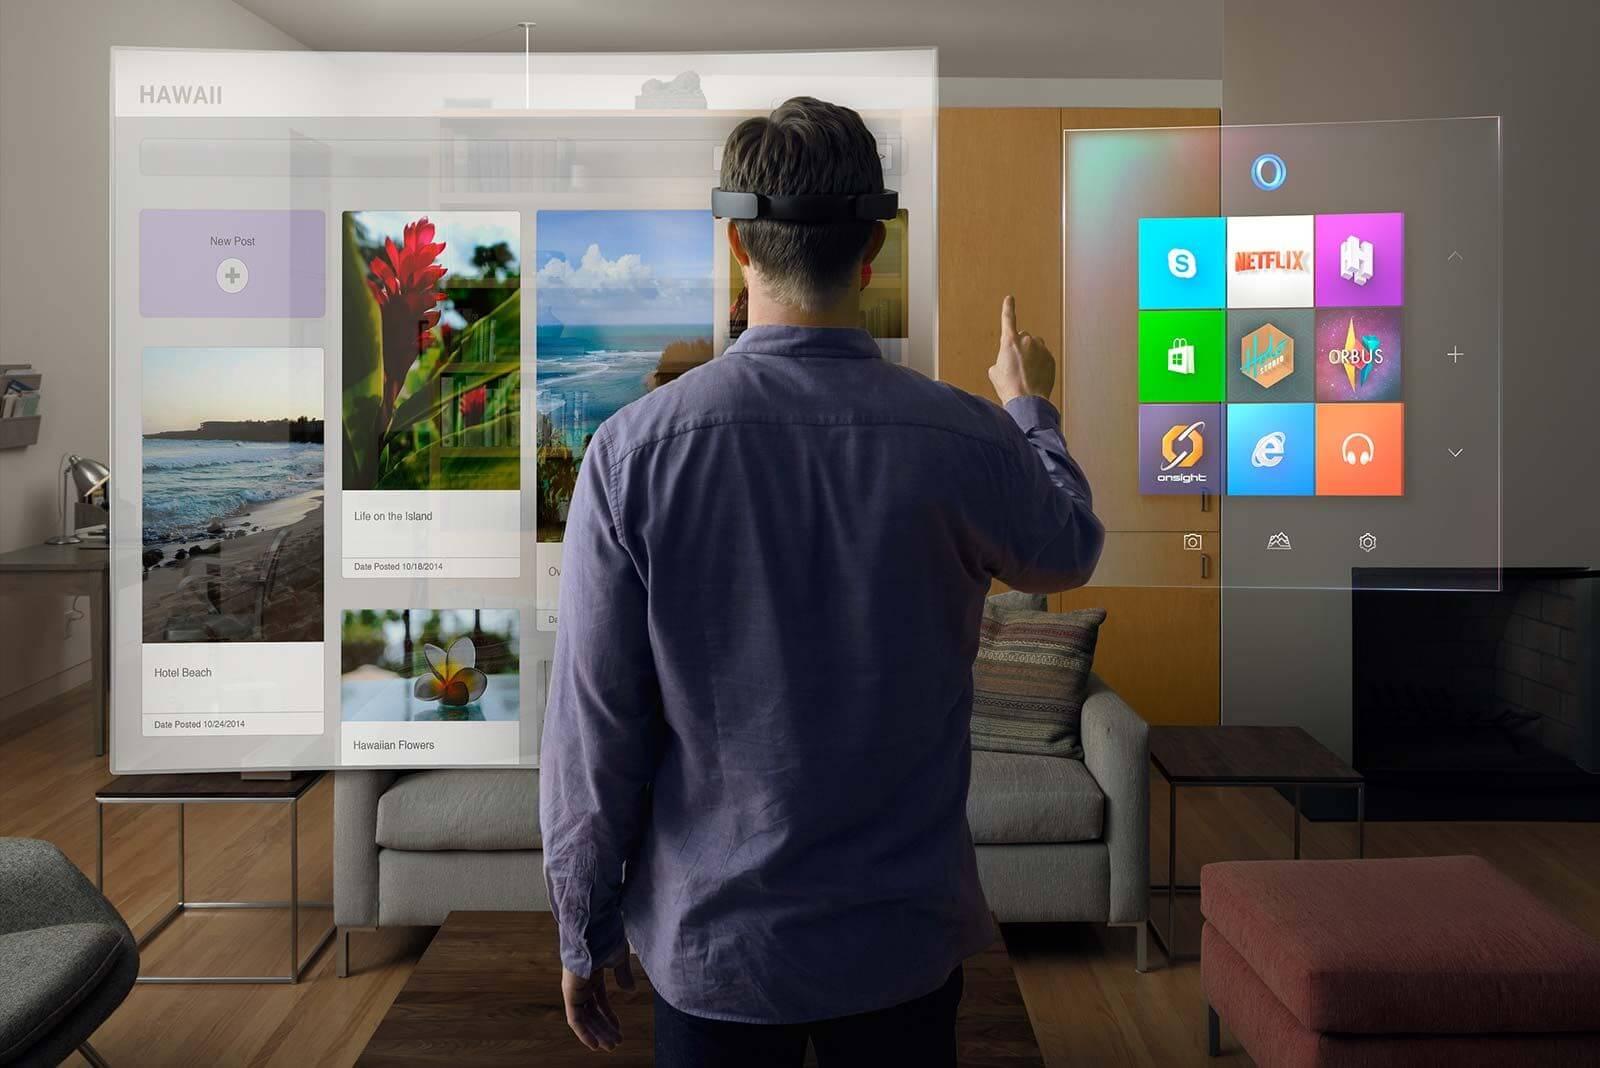 Microsoft libera configuração mínima para rodar apps Realidade Virtual no Windows 10